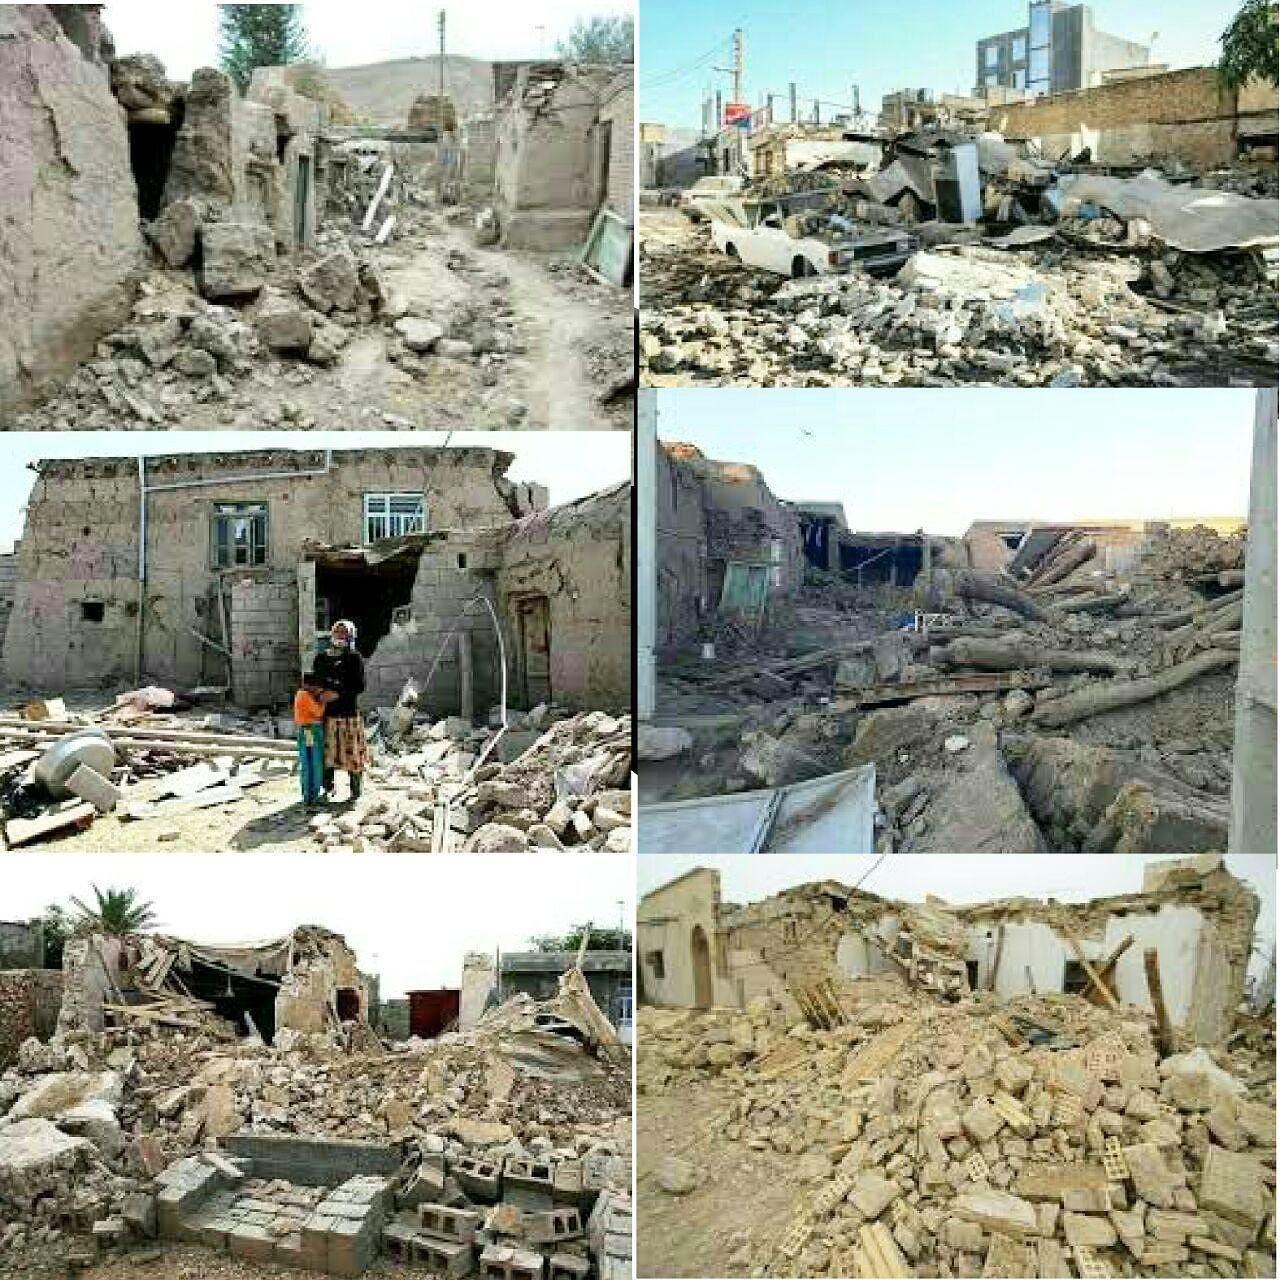 گزارش تصویری از تخریب خانه ها ناشی از زلزله در کرمان